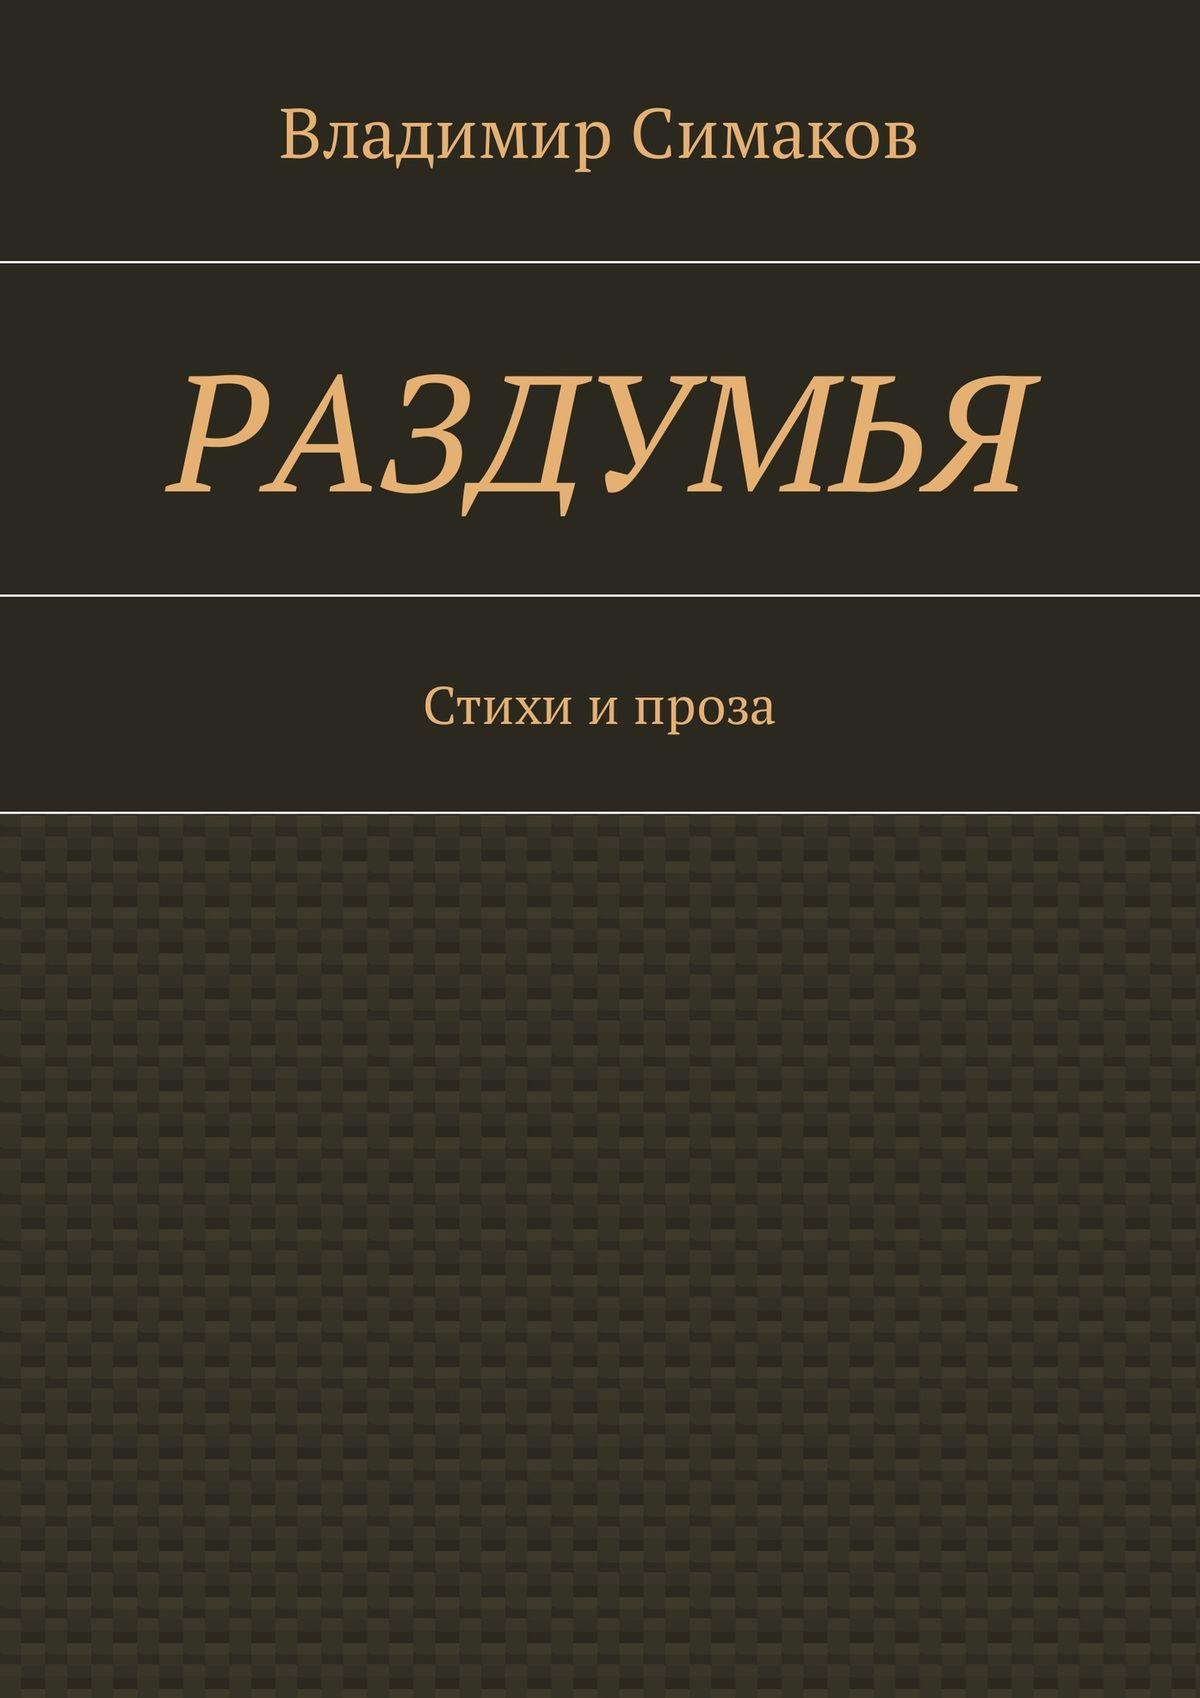 Владимир Симаков Раздумья. Стихи ипроза илья павлович нюхляков раздумья одной весны